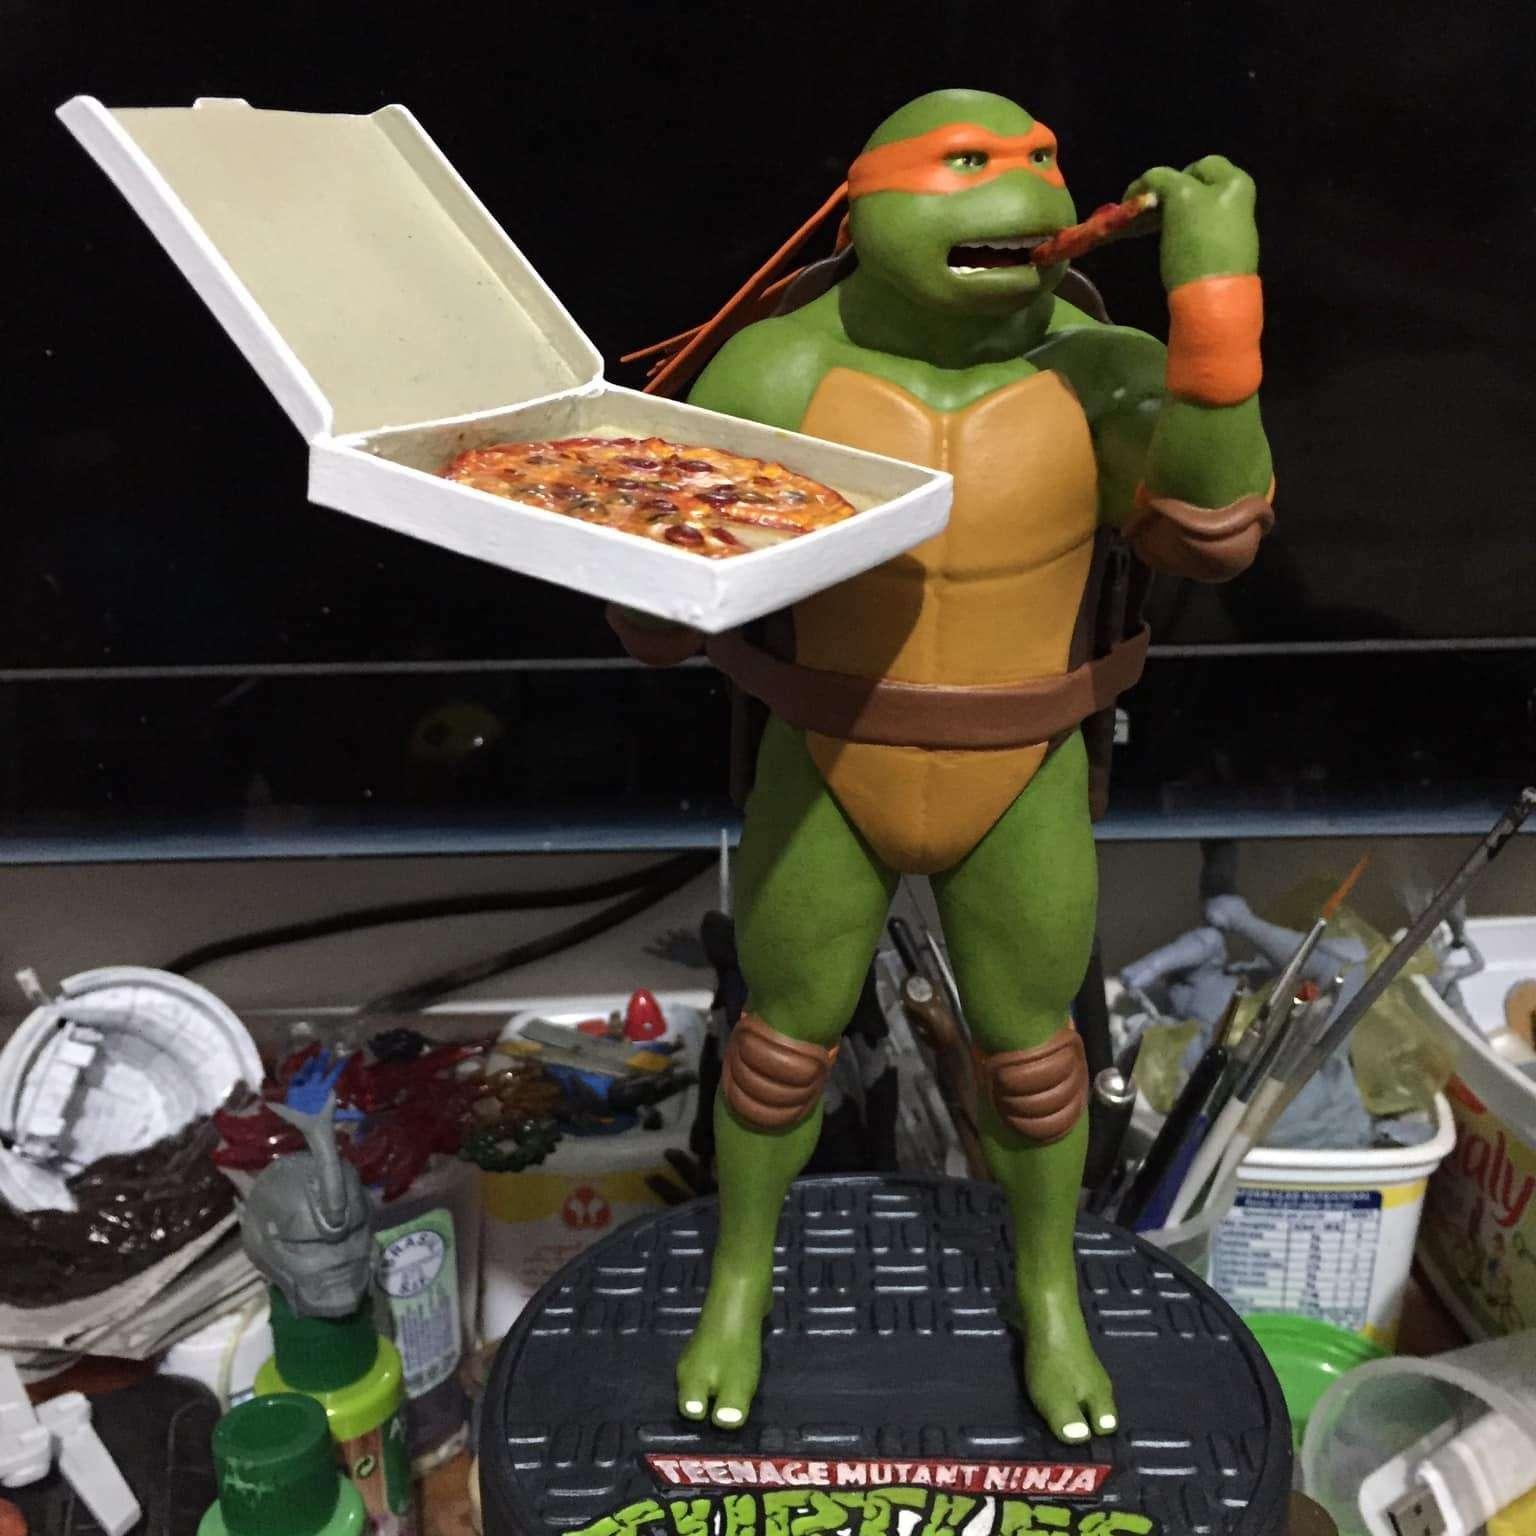 Michelangelo Mikey TMNT for 3d printing - Michelangelo TMNT Statue for 3d printing - Os melhores arquivos para impressão 3D do mundo. Modelos stl divididos em partes para facilitar a impressão 3D. Todos os tipos de personagens, decoração, cosplay, próteses, peças. Qualidade na impressão 3D. Modelos 3D com preço acessível. Baixo custo. Compras coletivas de arquivos 3D.